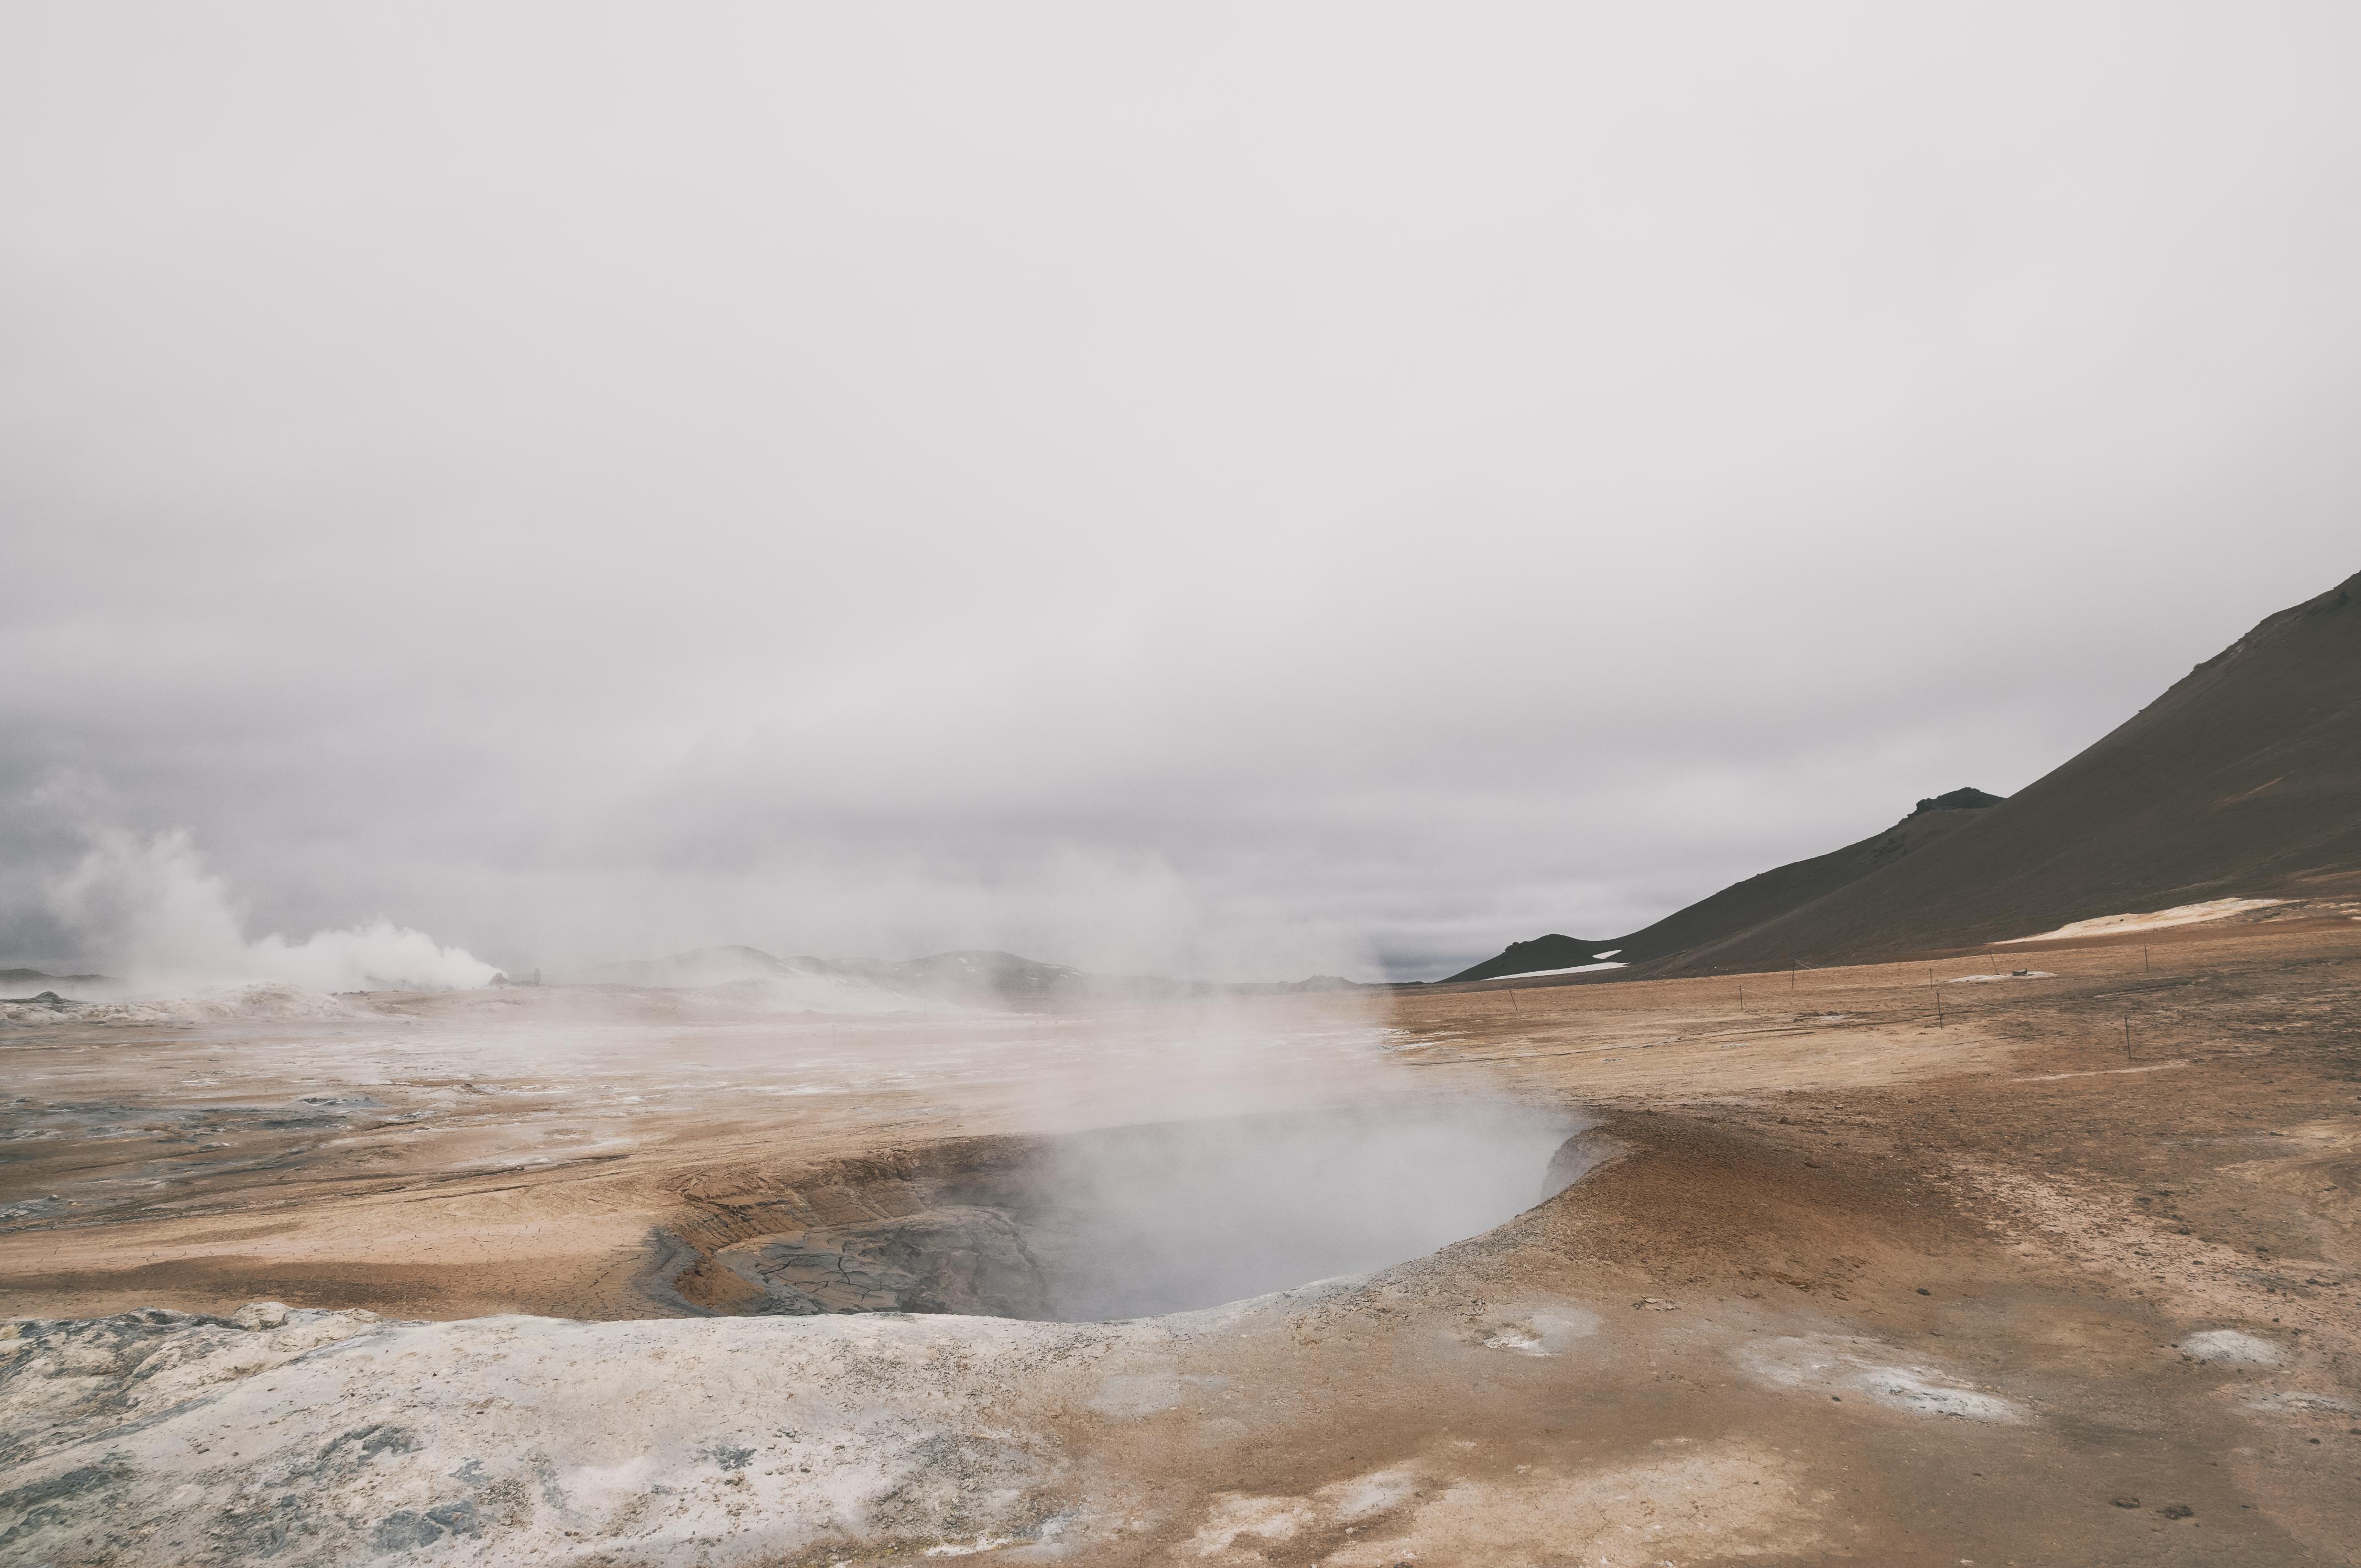 magazynkobiet.pl - 3 Obszar geotermalny Hverir - Zapiski z Północy, część 3. Islandia – miejsca magiczne